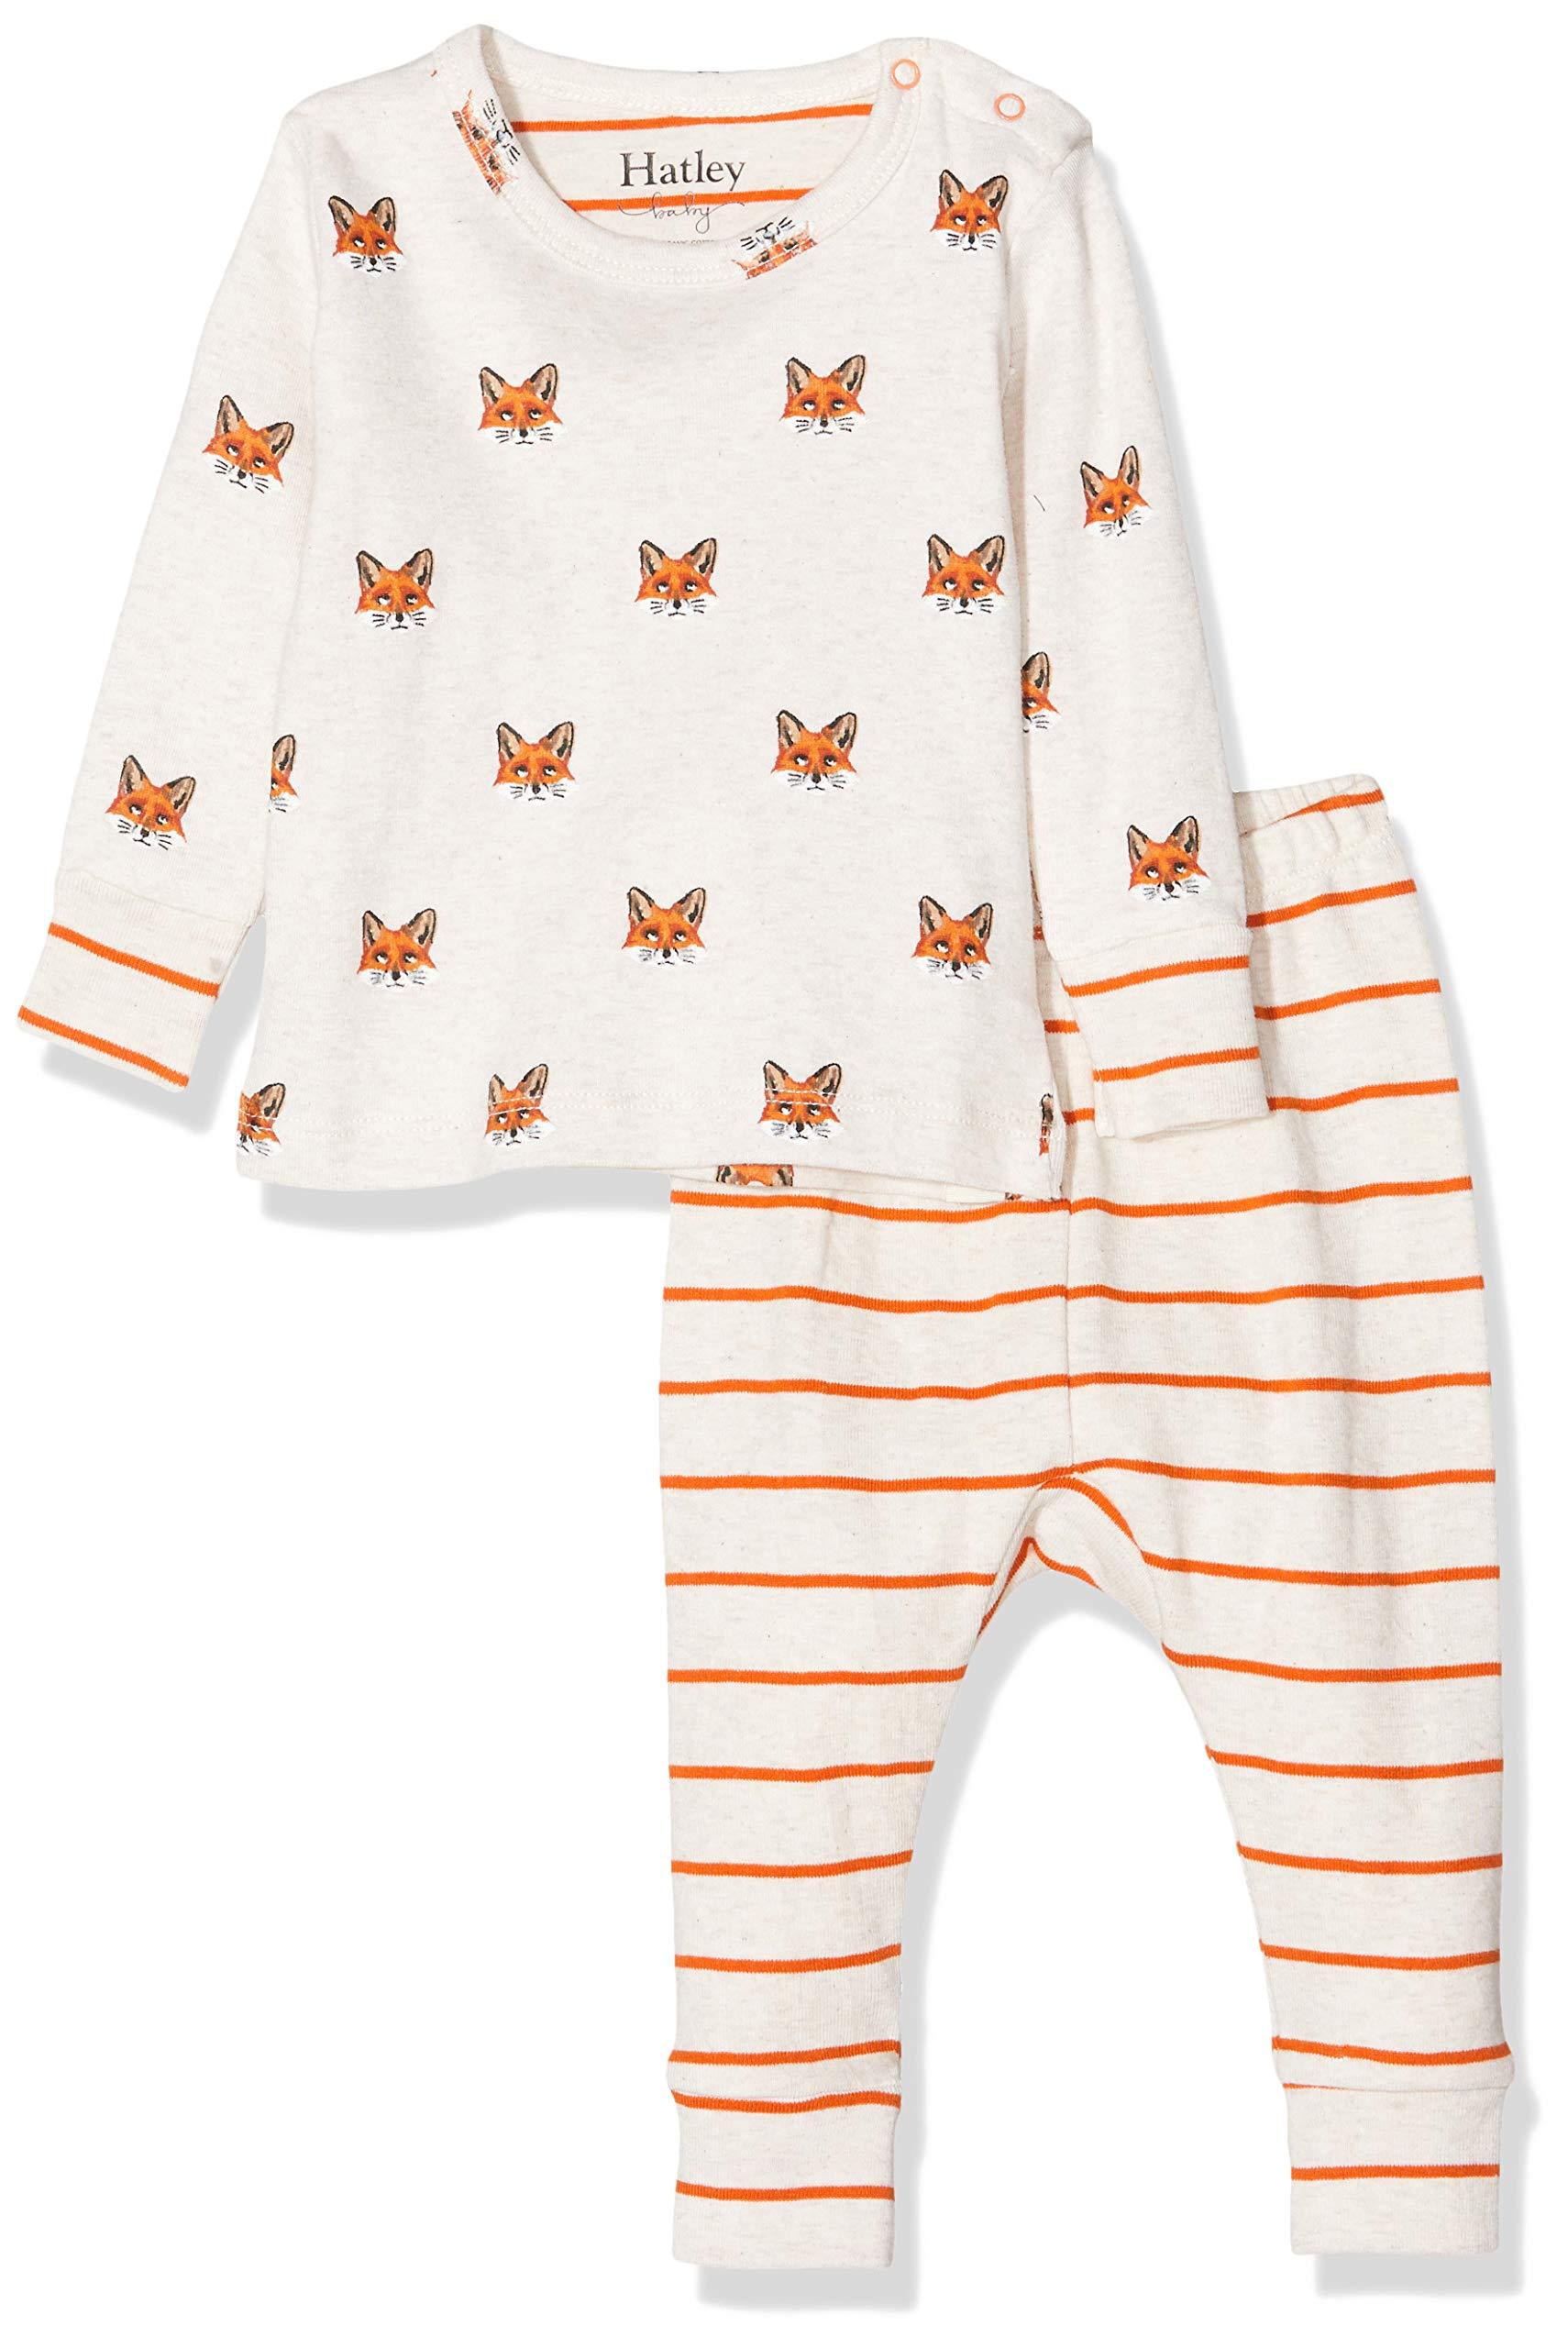 Hatley Organic Cotton Pyjama Sets Conjuntos de Pijama para Bebés 1